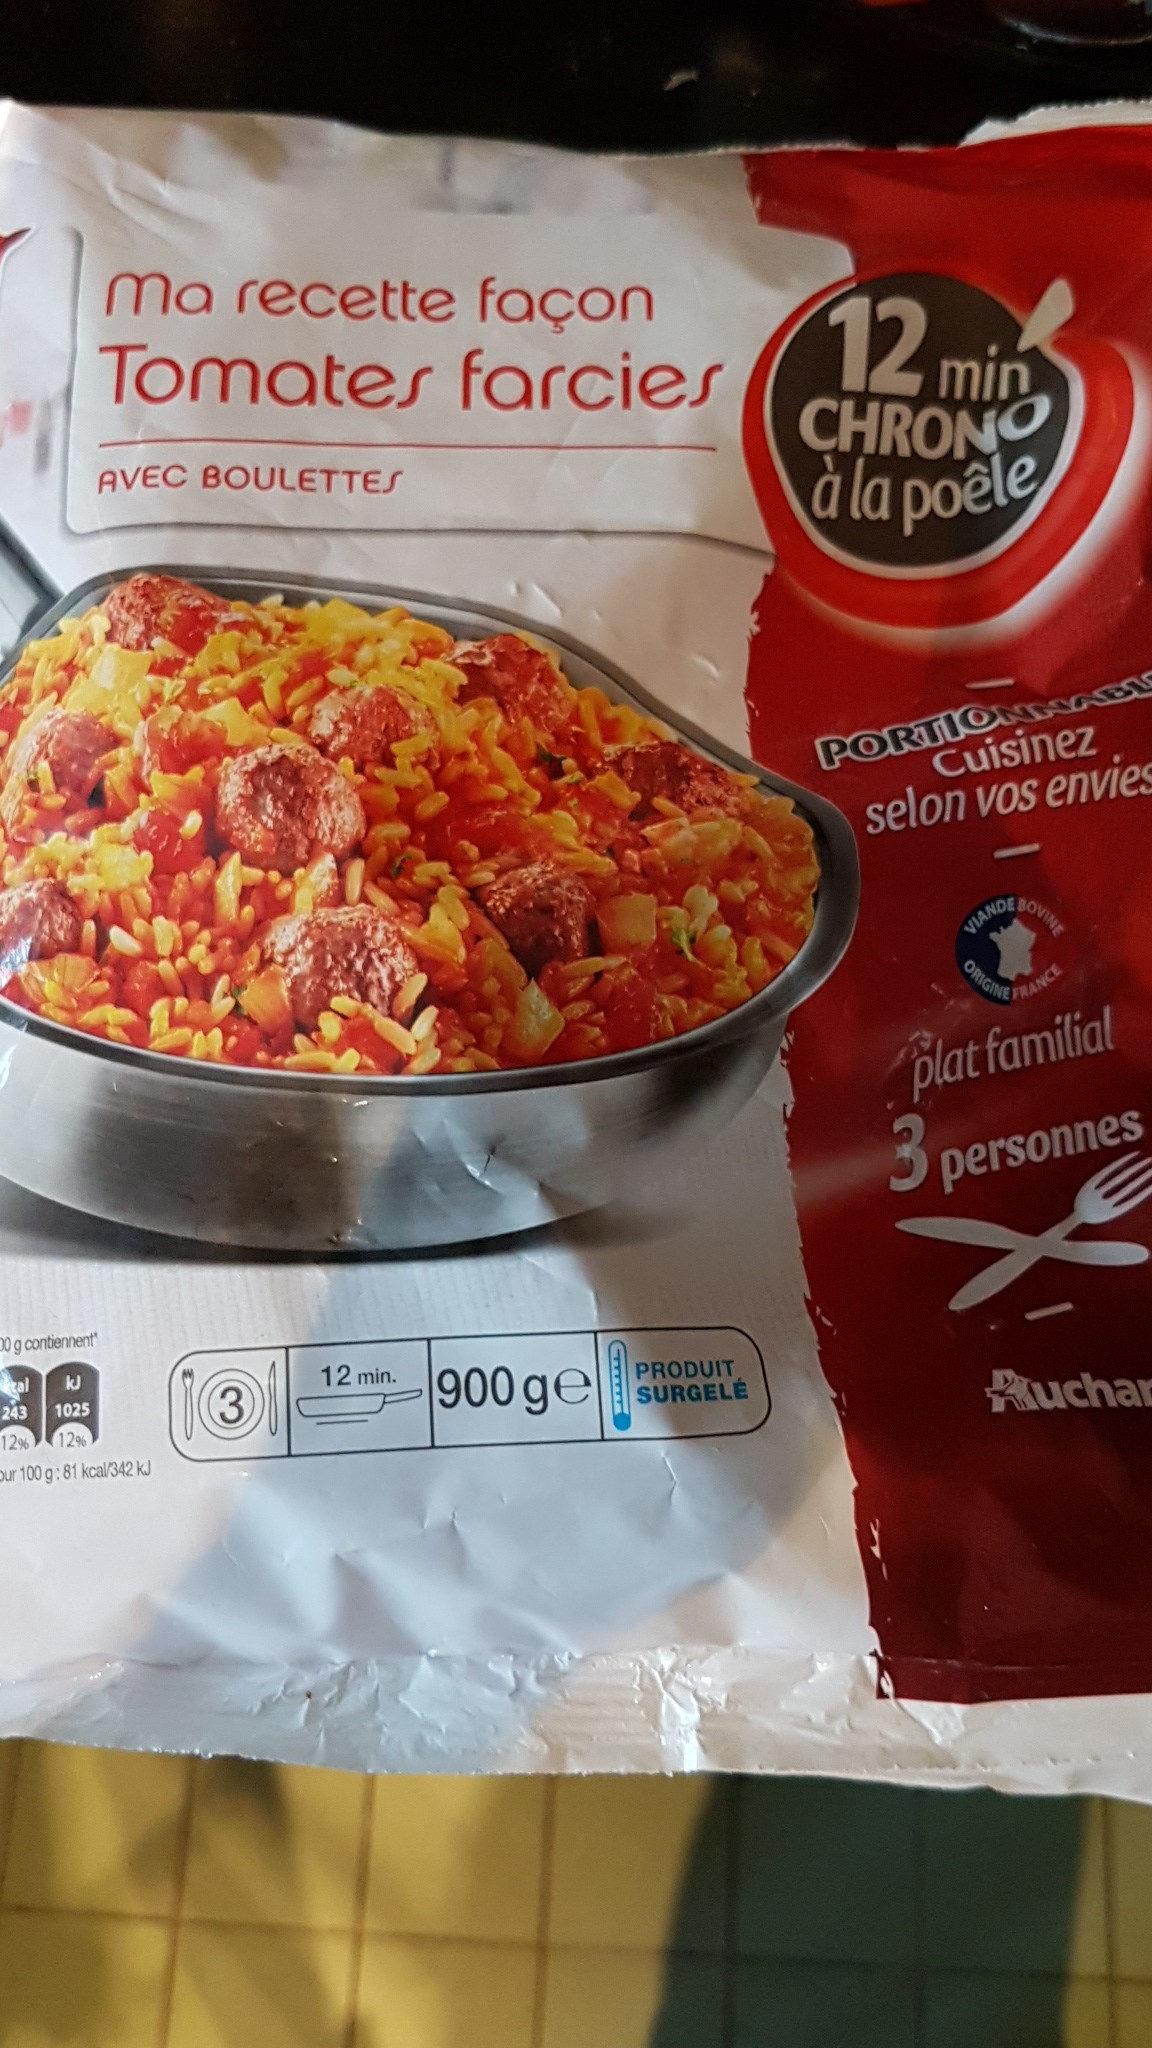 Ma Recette Façon Tomates Farcies avec Boulettes au Boeuf - Produit